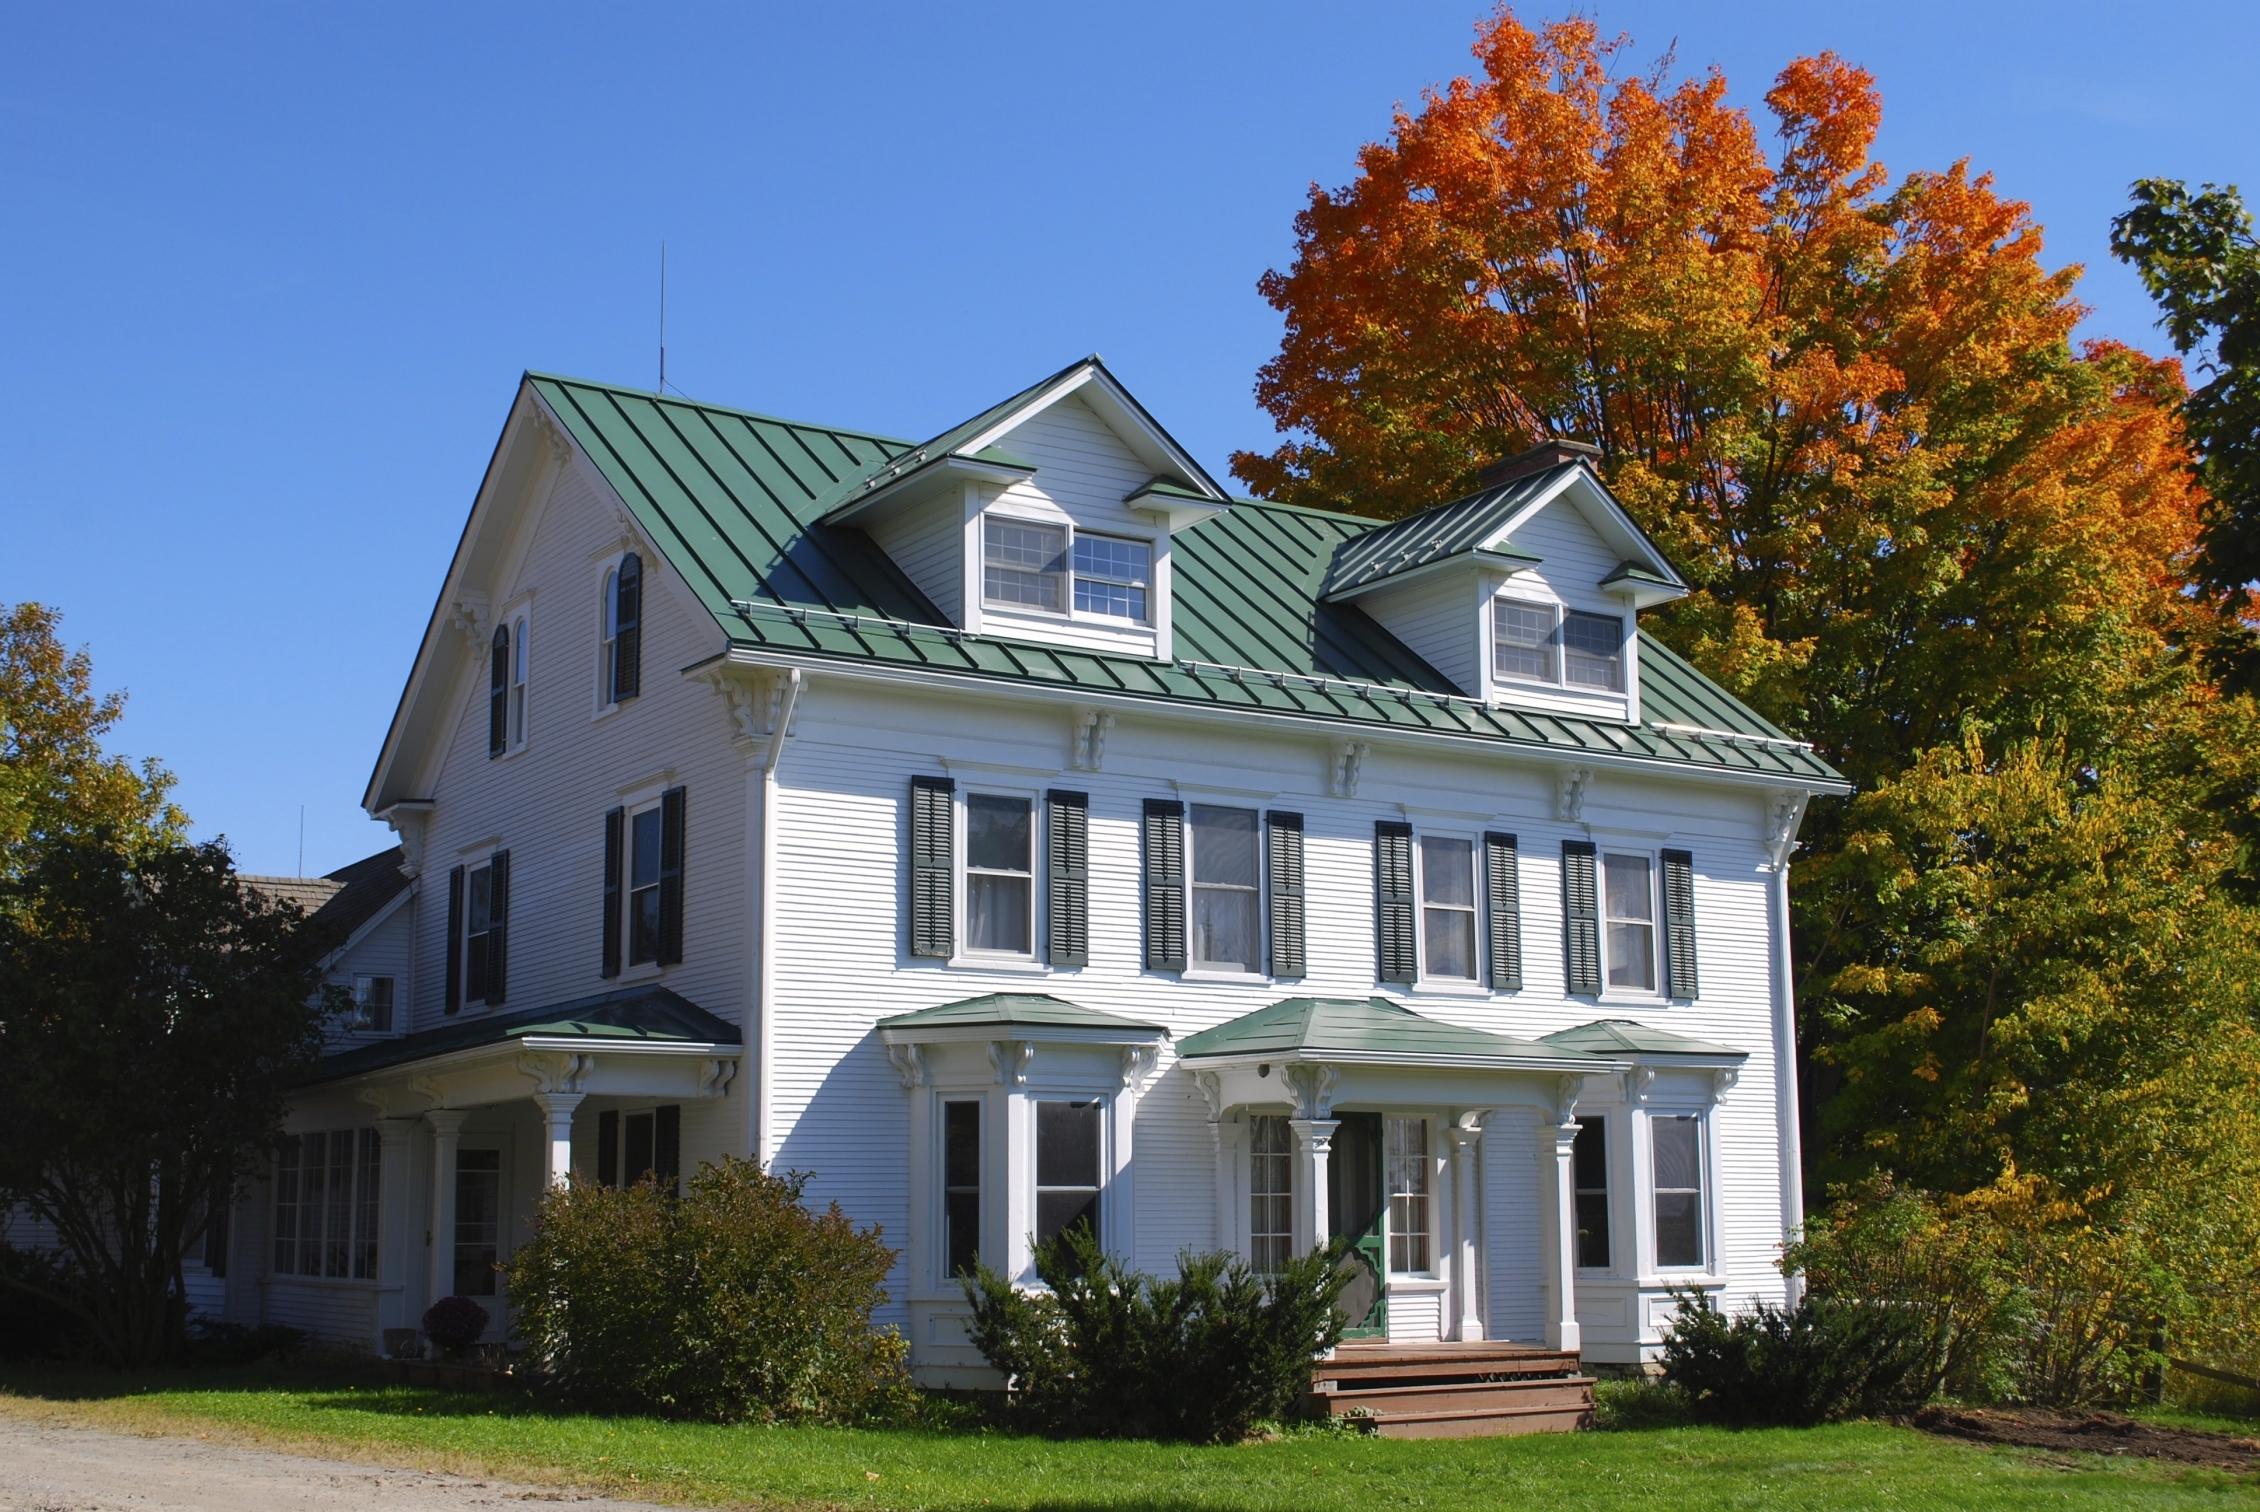 단독 가정 주택 용 매매 에 1524 Watertower, Berkshire 1524 Watertower Rd Berkshire, 베르몬트, 05450 미국